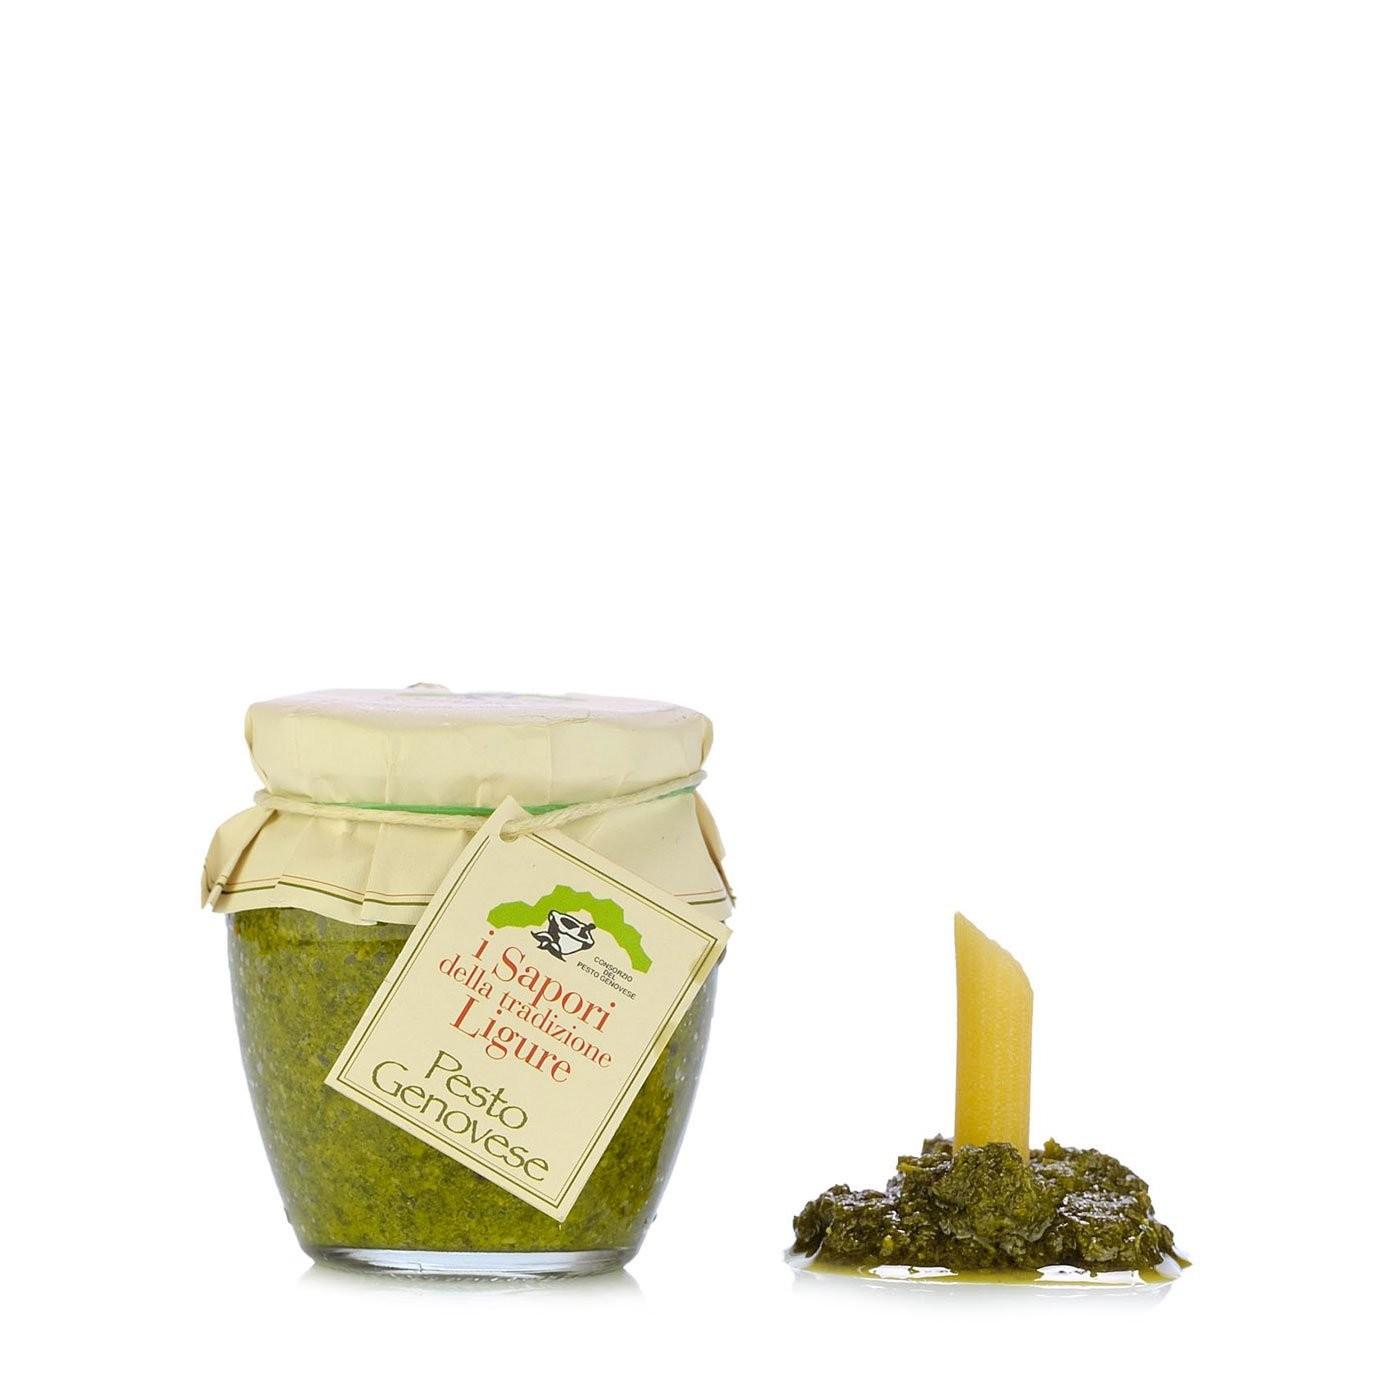 Basil Genovese Pesto 3.17 oz